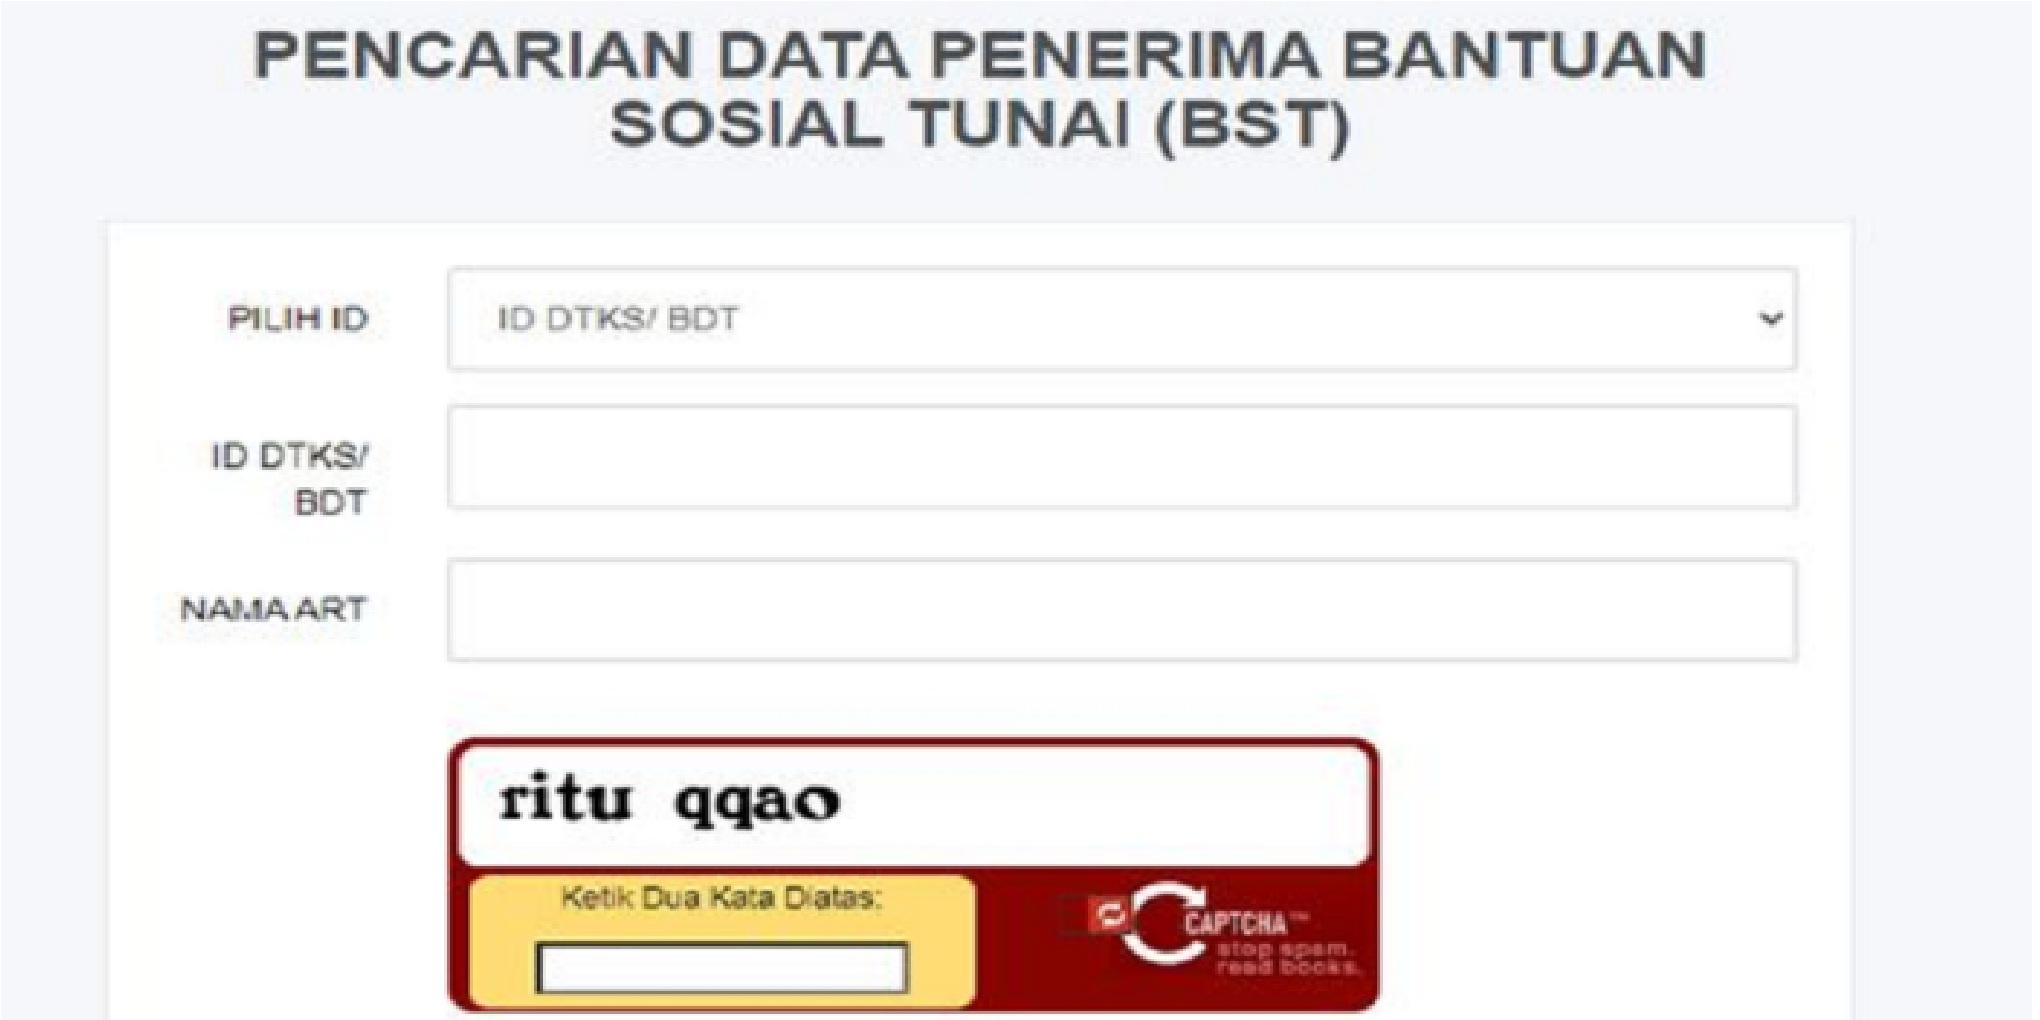 Berita Sosial Cek Penerima Bst Rp 300 Ribu Cair Syarat Dan Cara Daftar Lengkap Login Dtks Kemensos Go Id Asyifusyinen